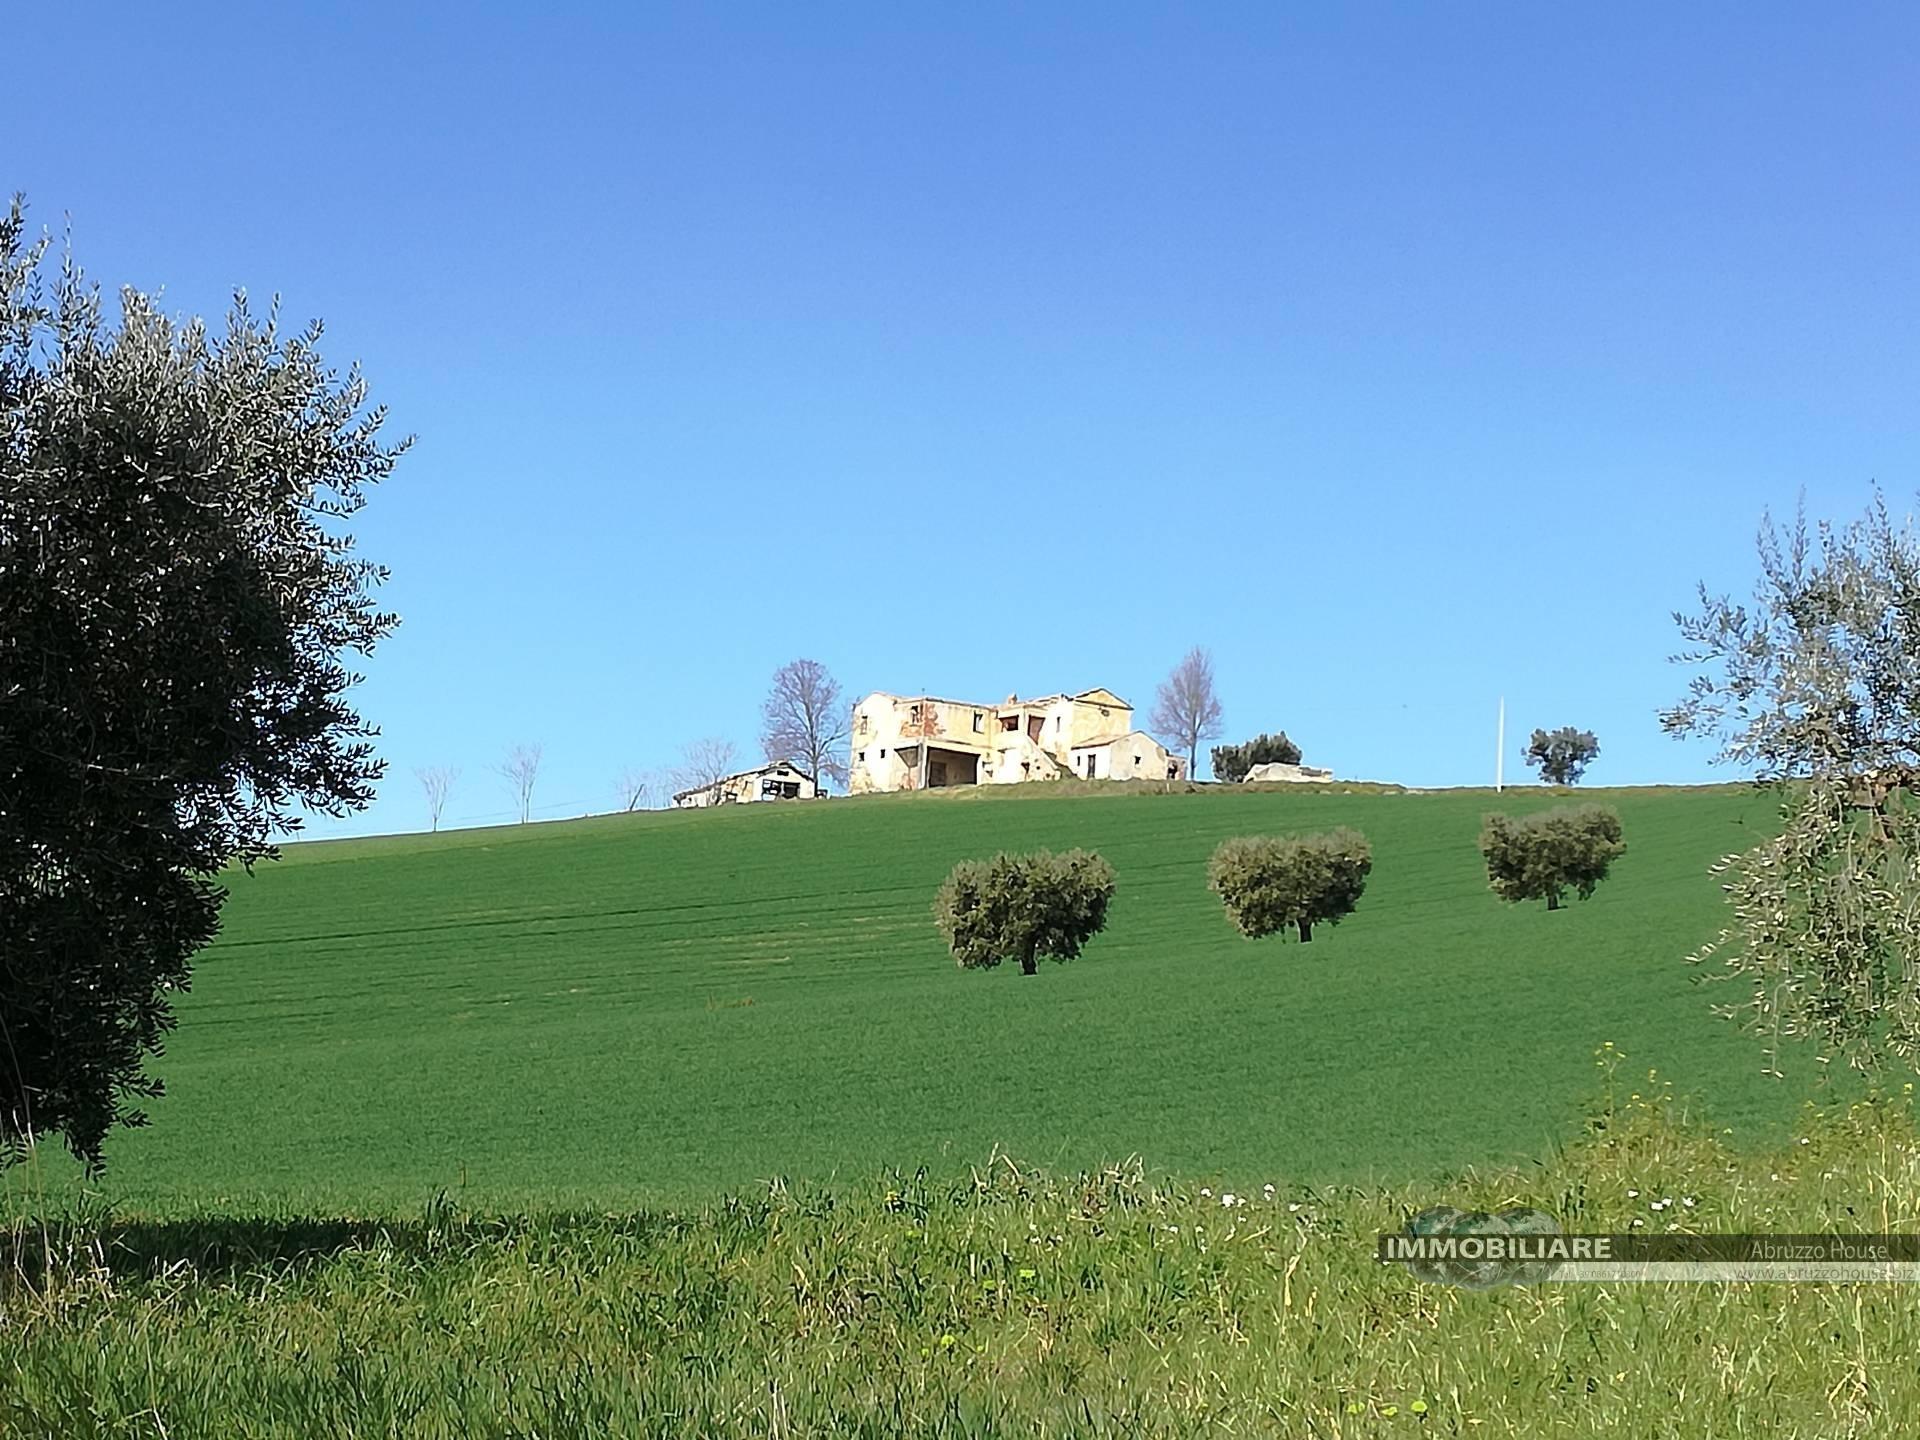 Terreno Agricolo in vendita a Mosciano Sant'Angelo, 9999 locali, zona Zona: Montone, Trattative riservate | CambioCasa.it